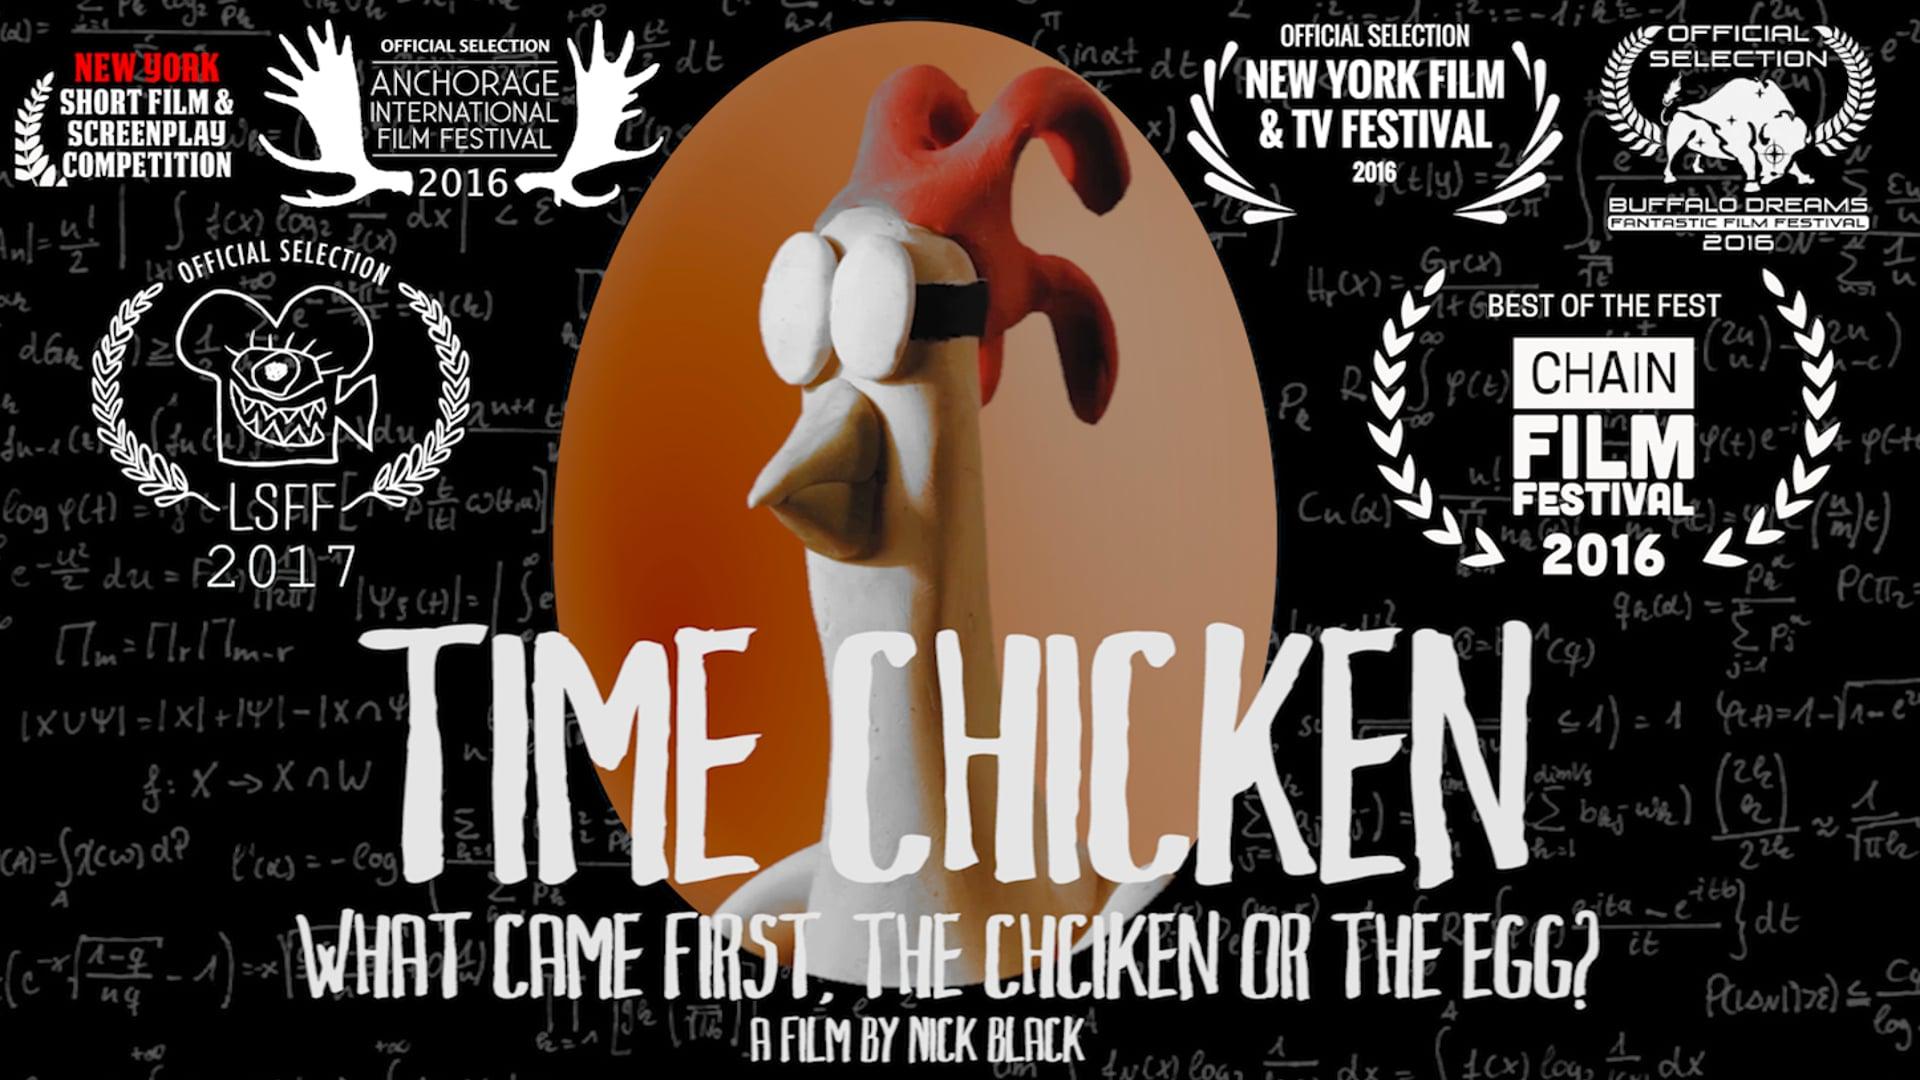 Time Chicken